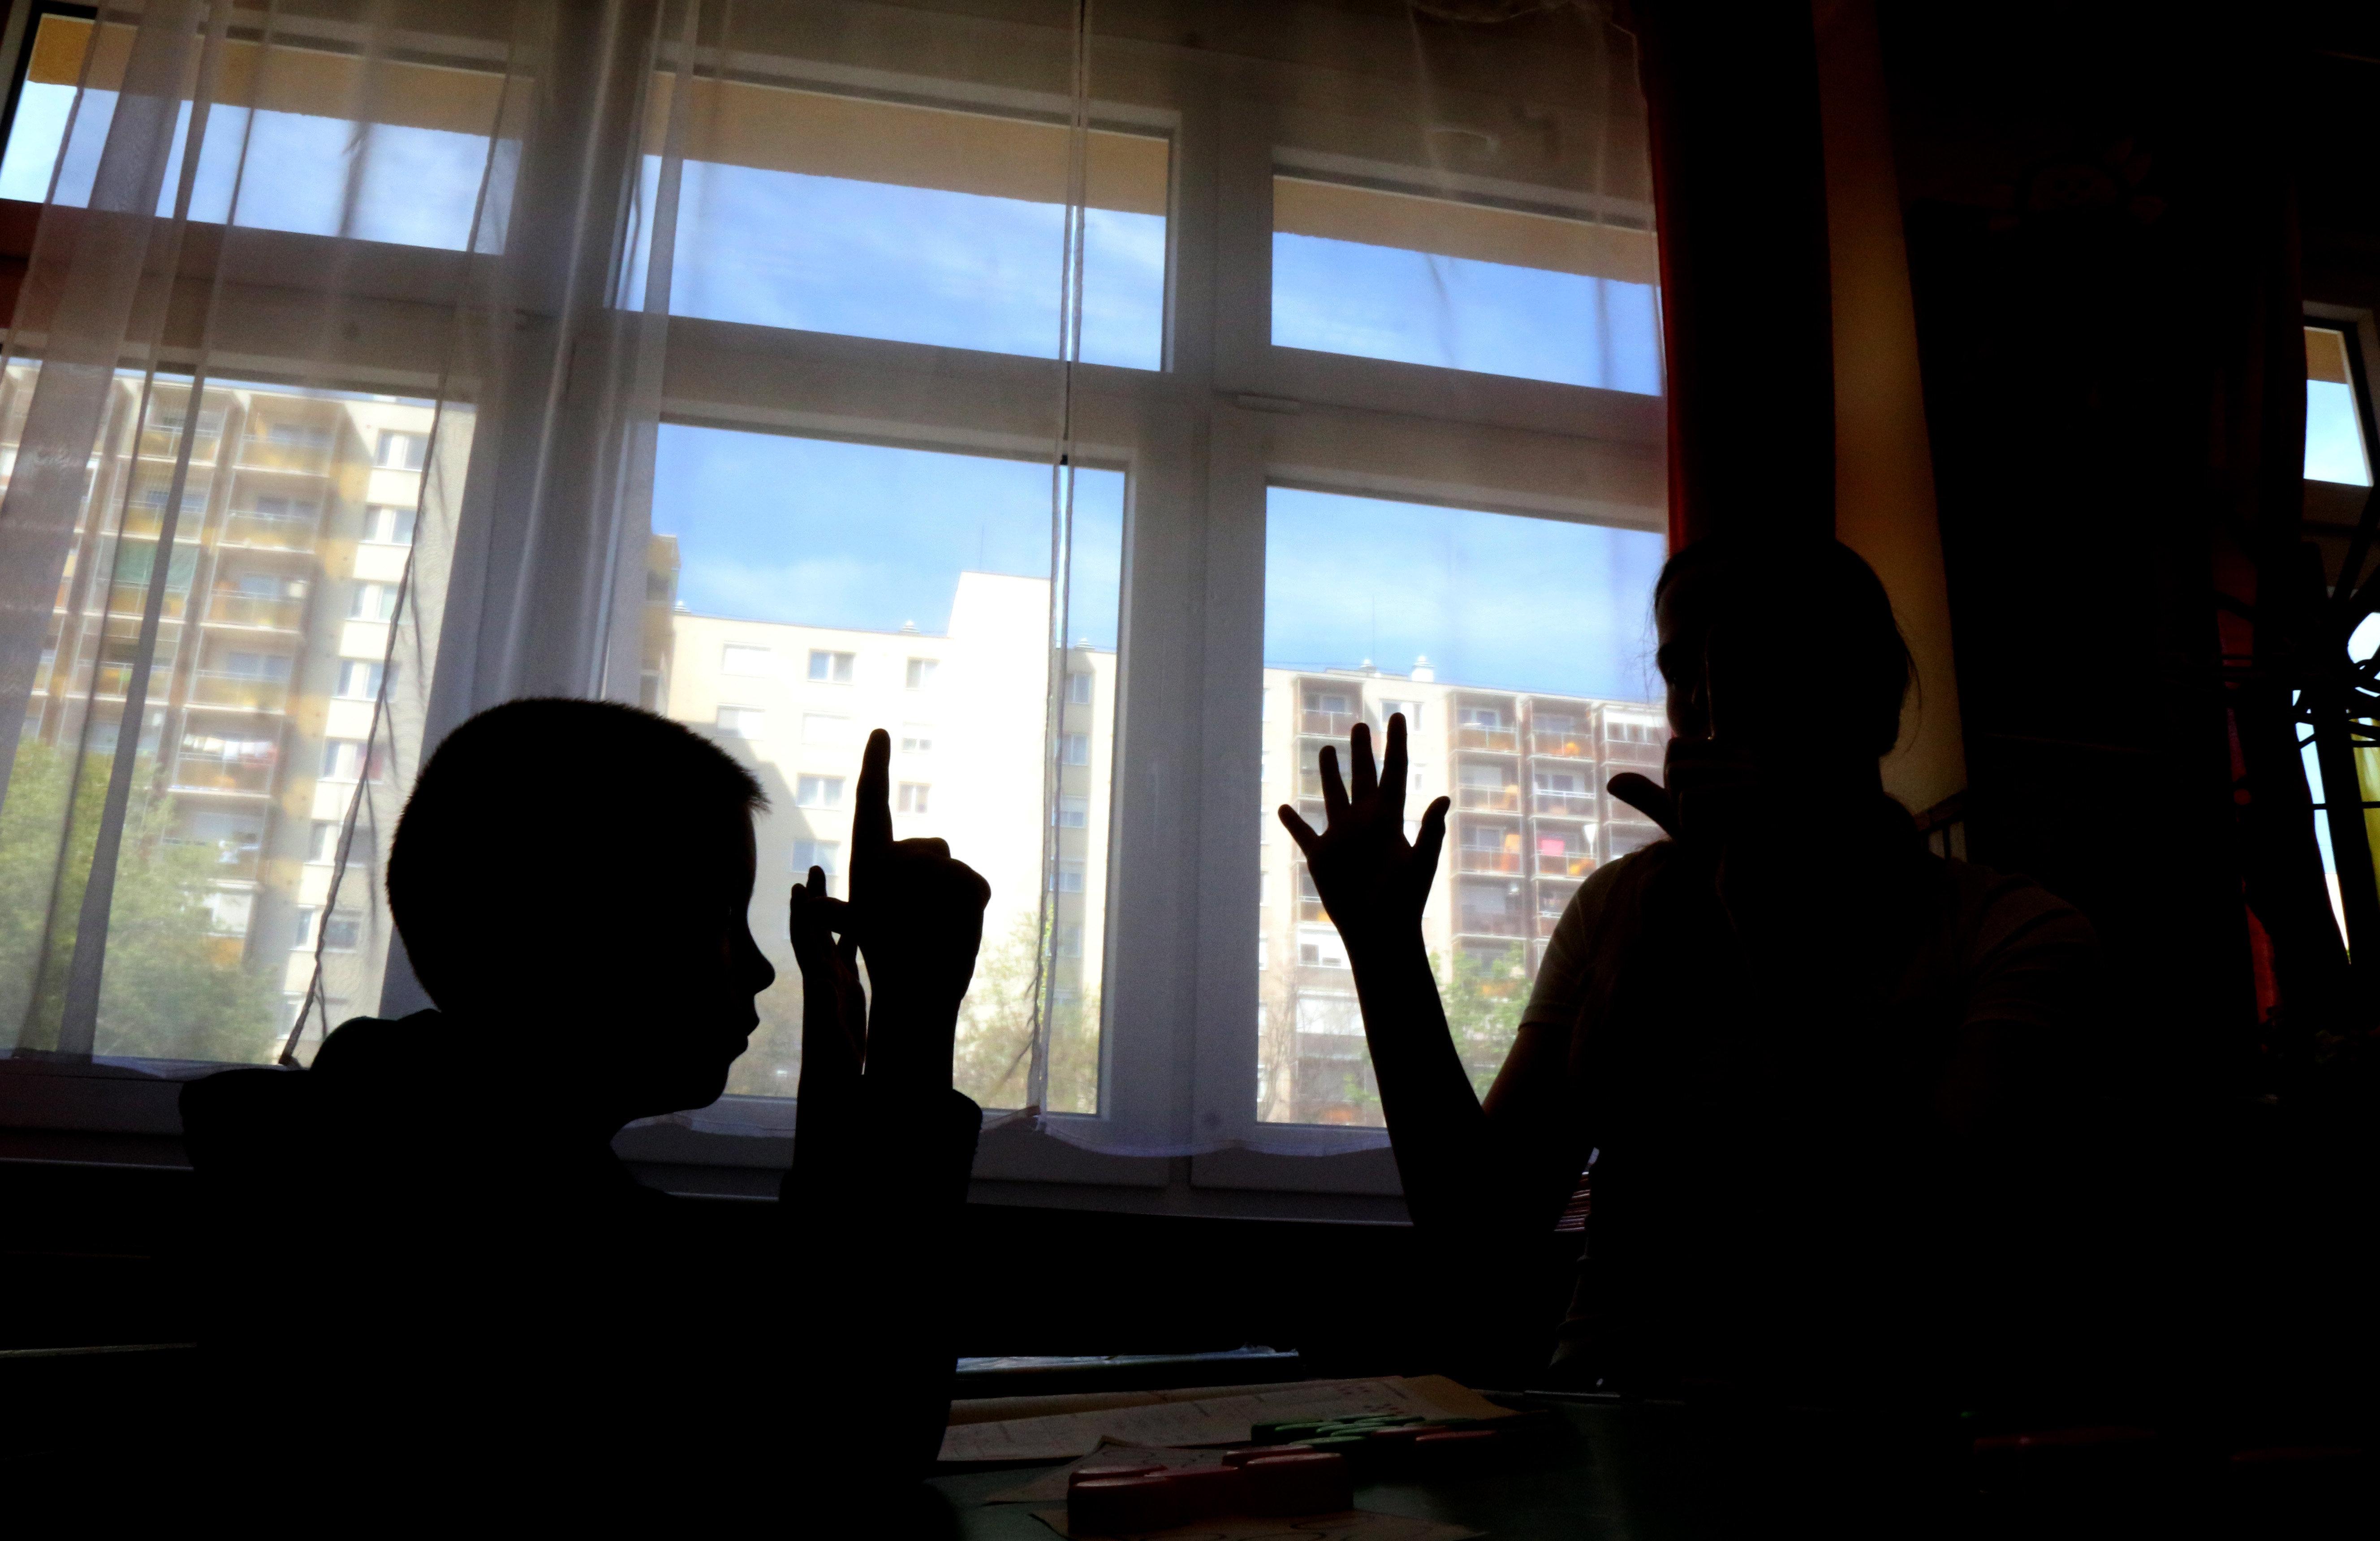 Maruzsa: Északkelet-Magyarországon van a legtöbb iskolai erőszak